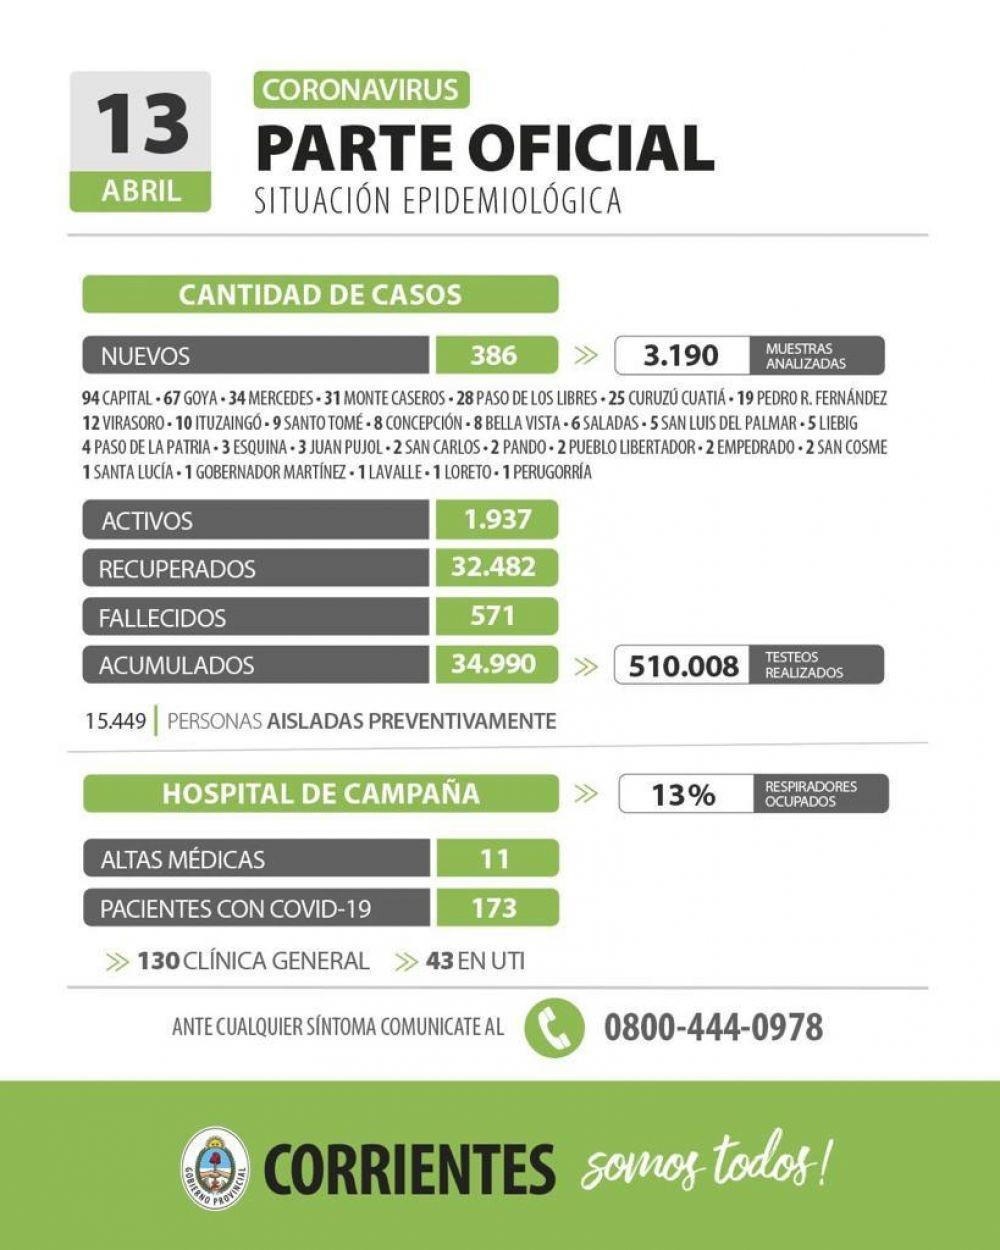 Informan de 386 nuevos casos de coronavirus en Corrientes